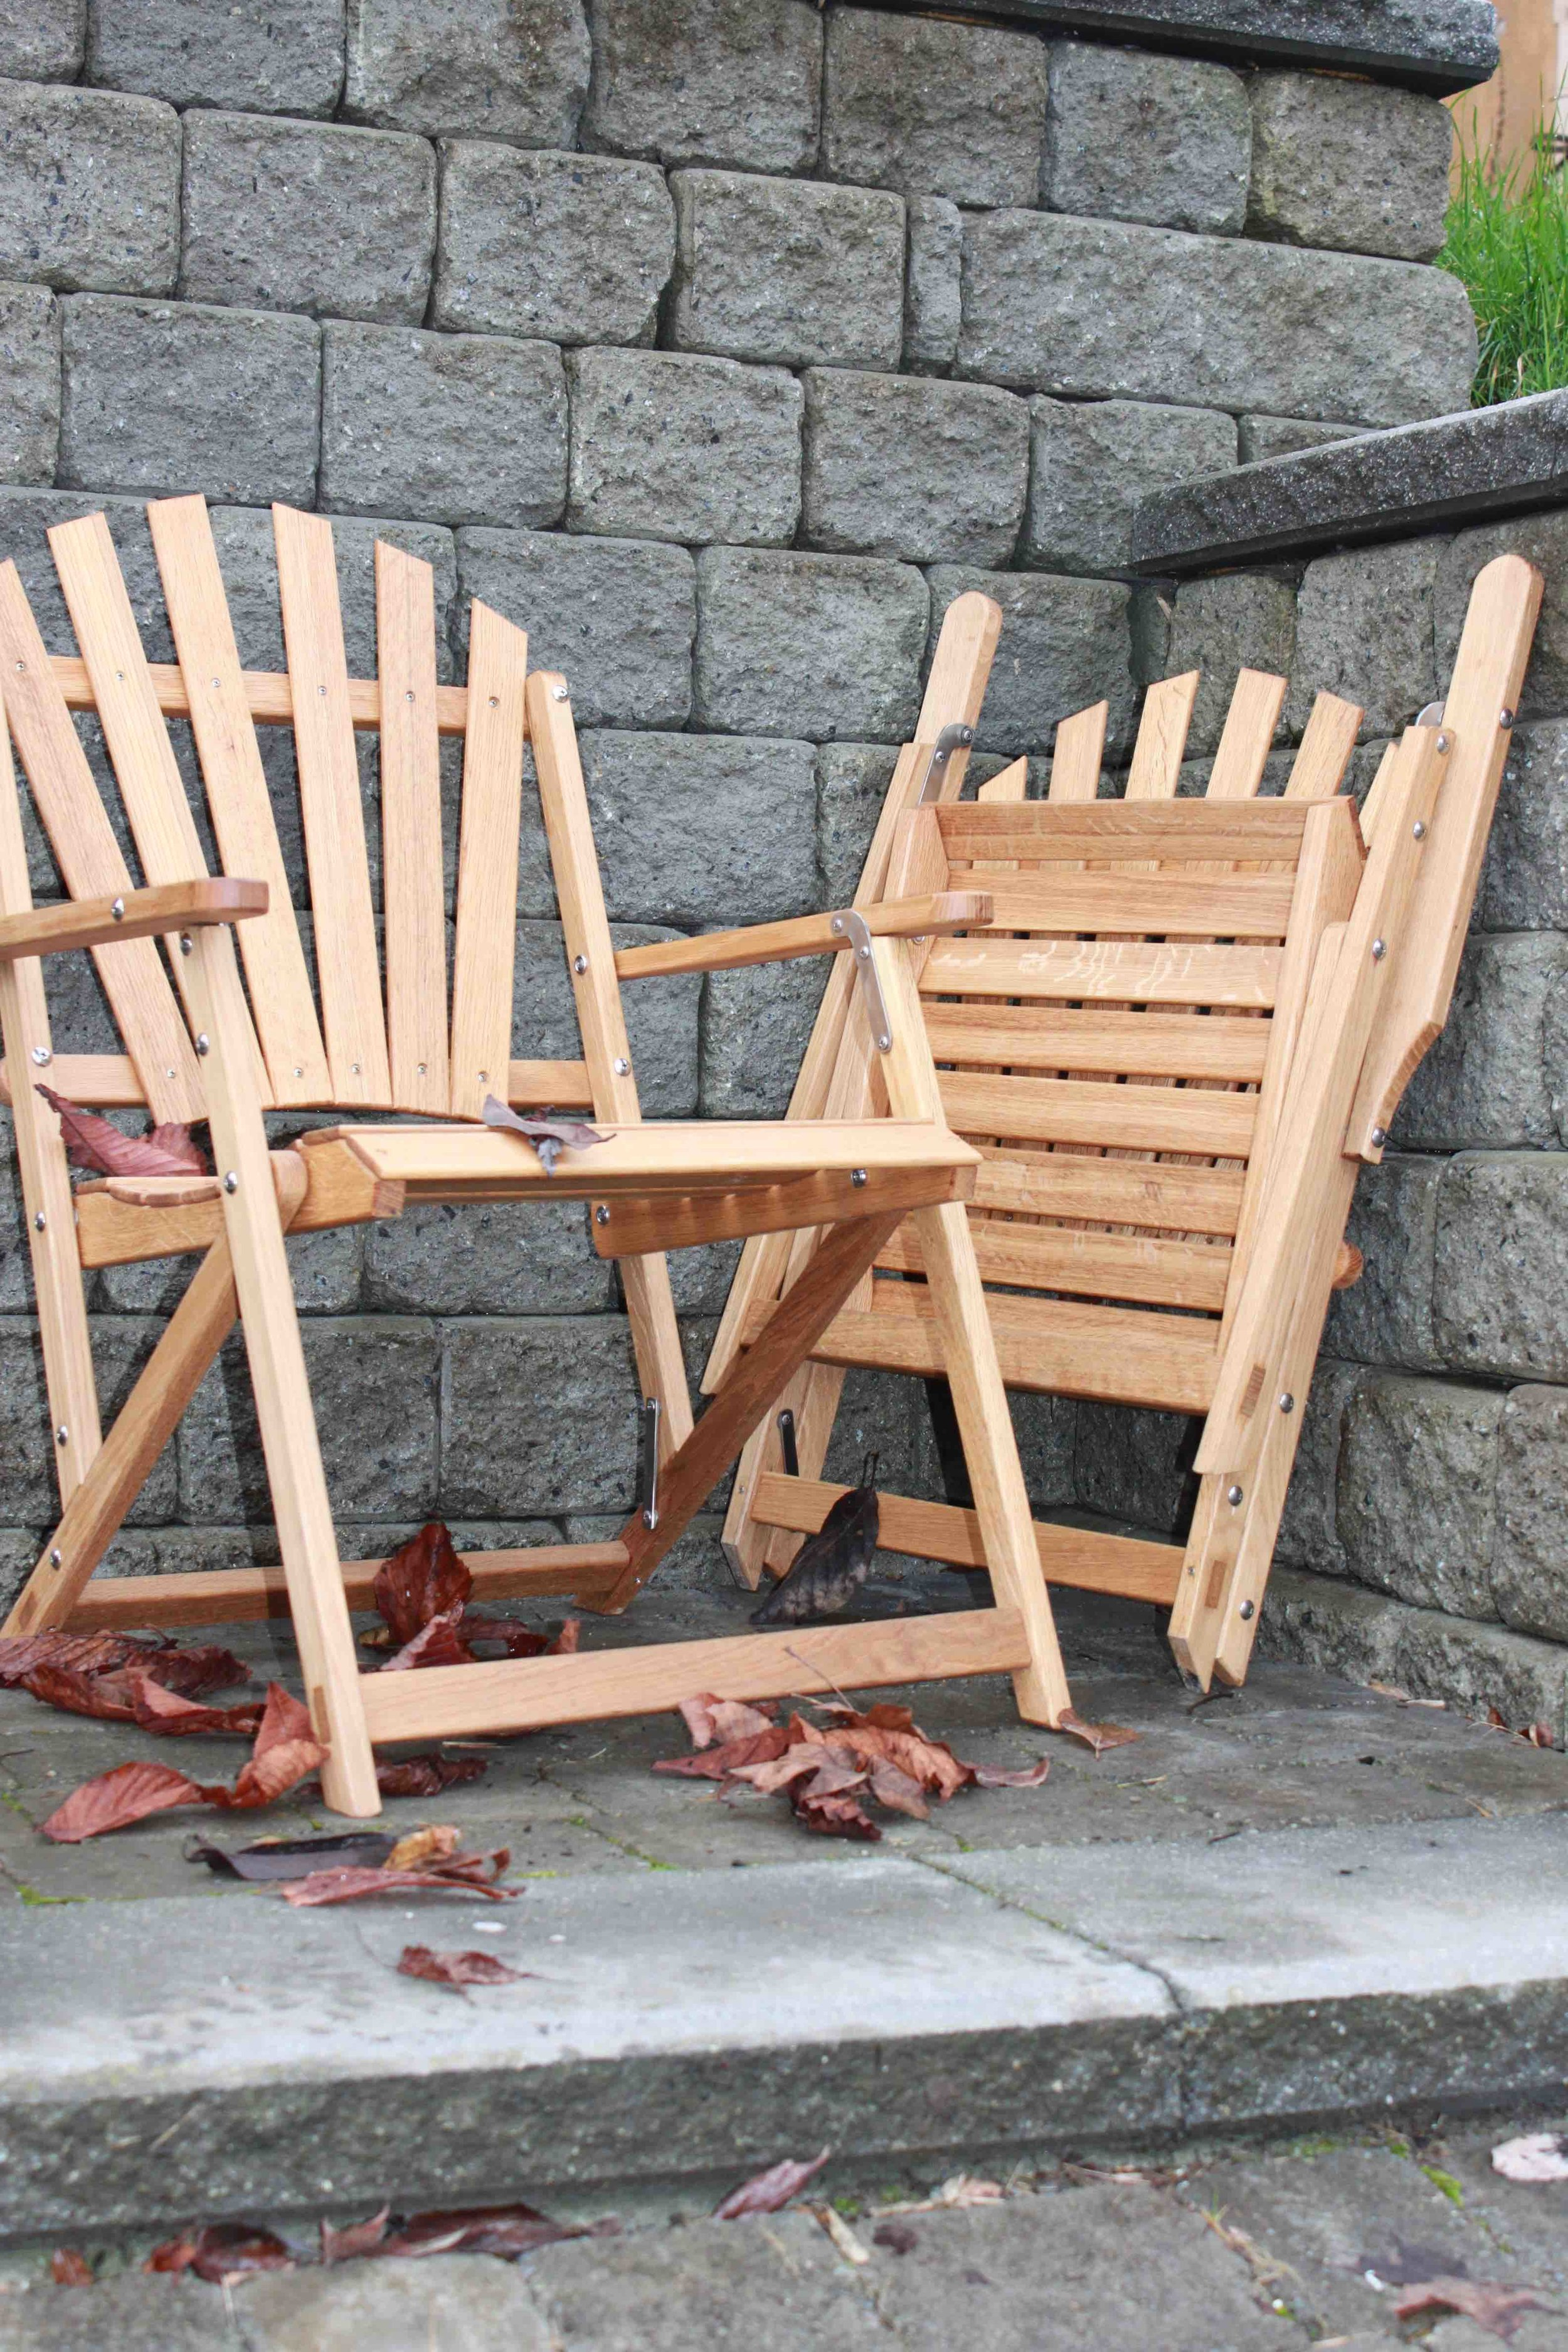 Oak Folding Chairs.one folded.jpg